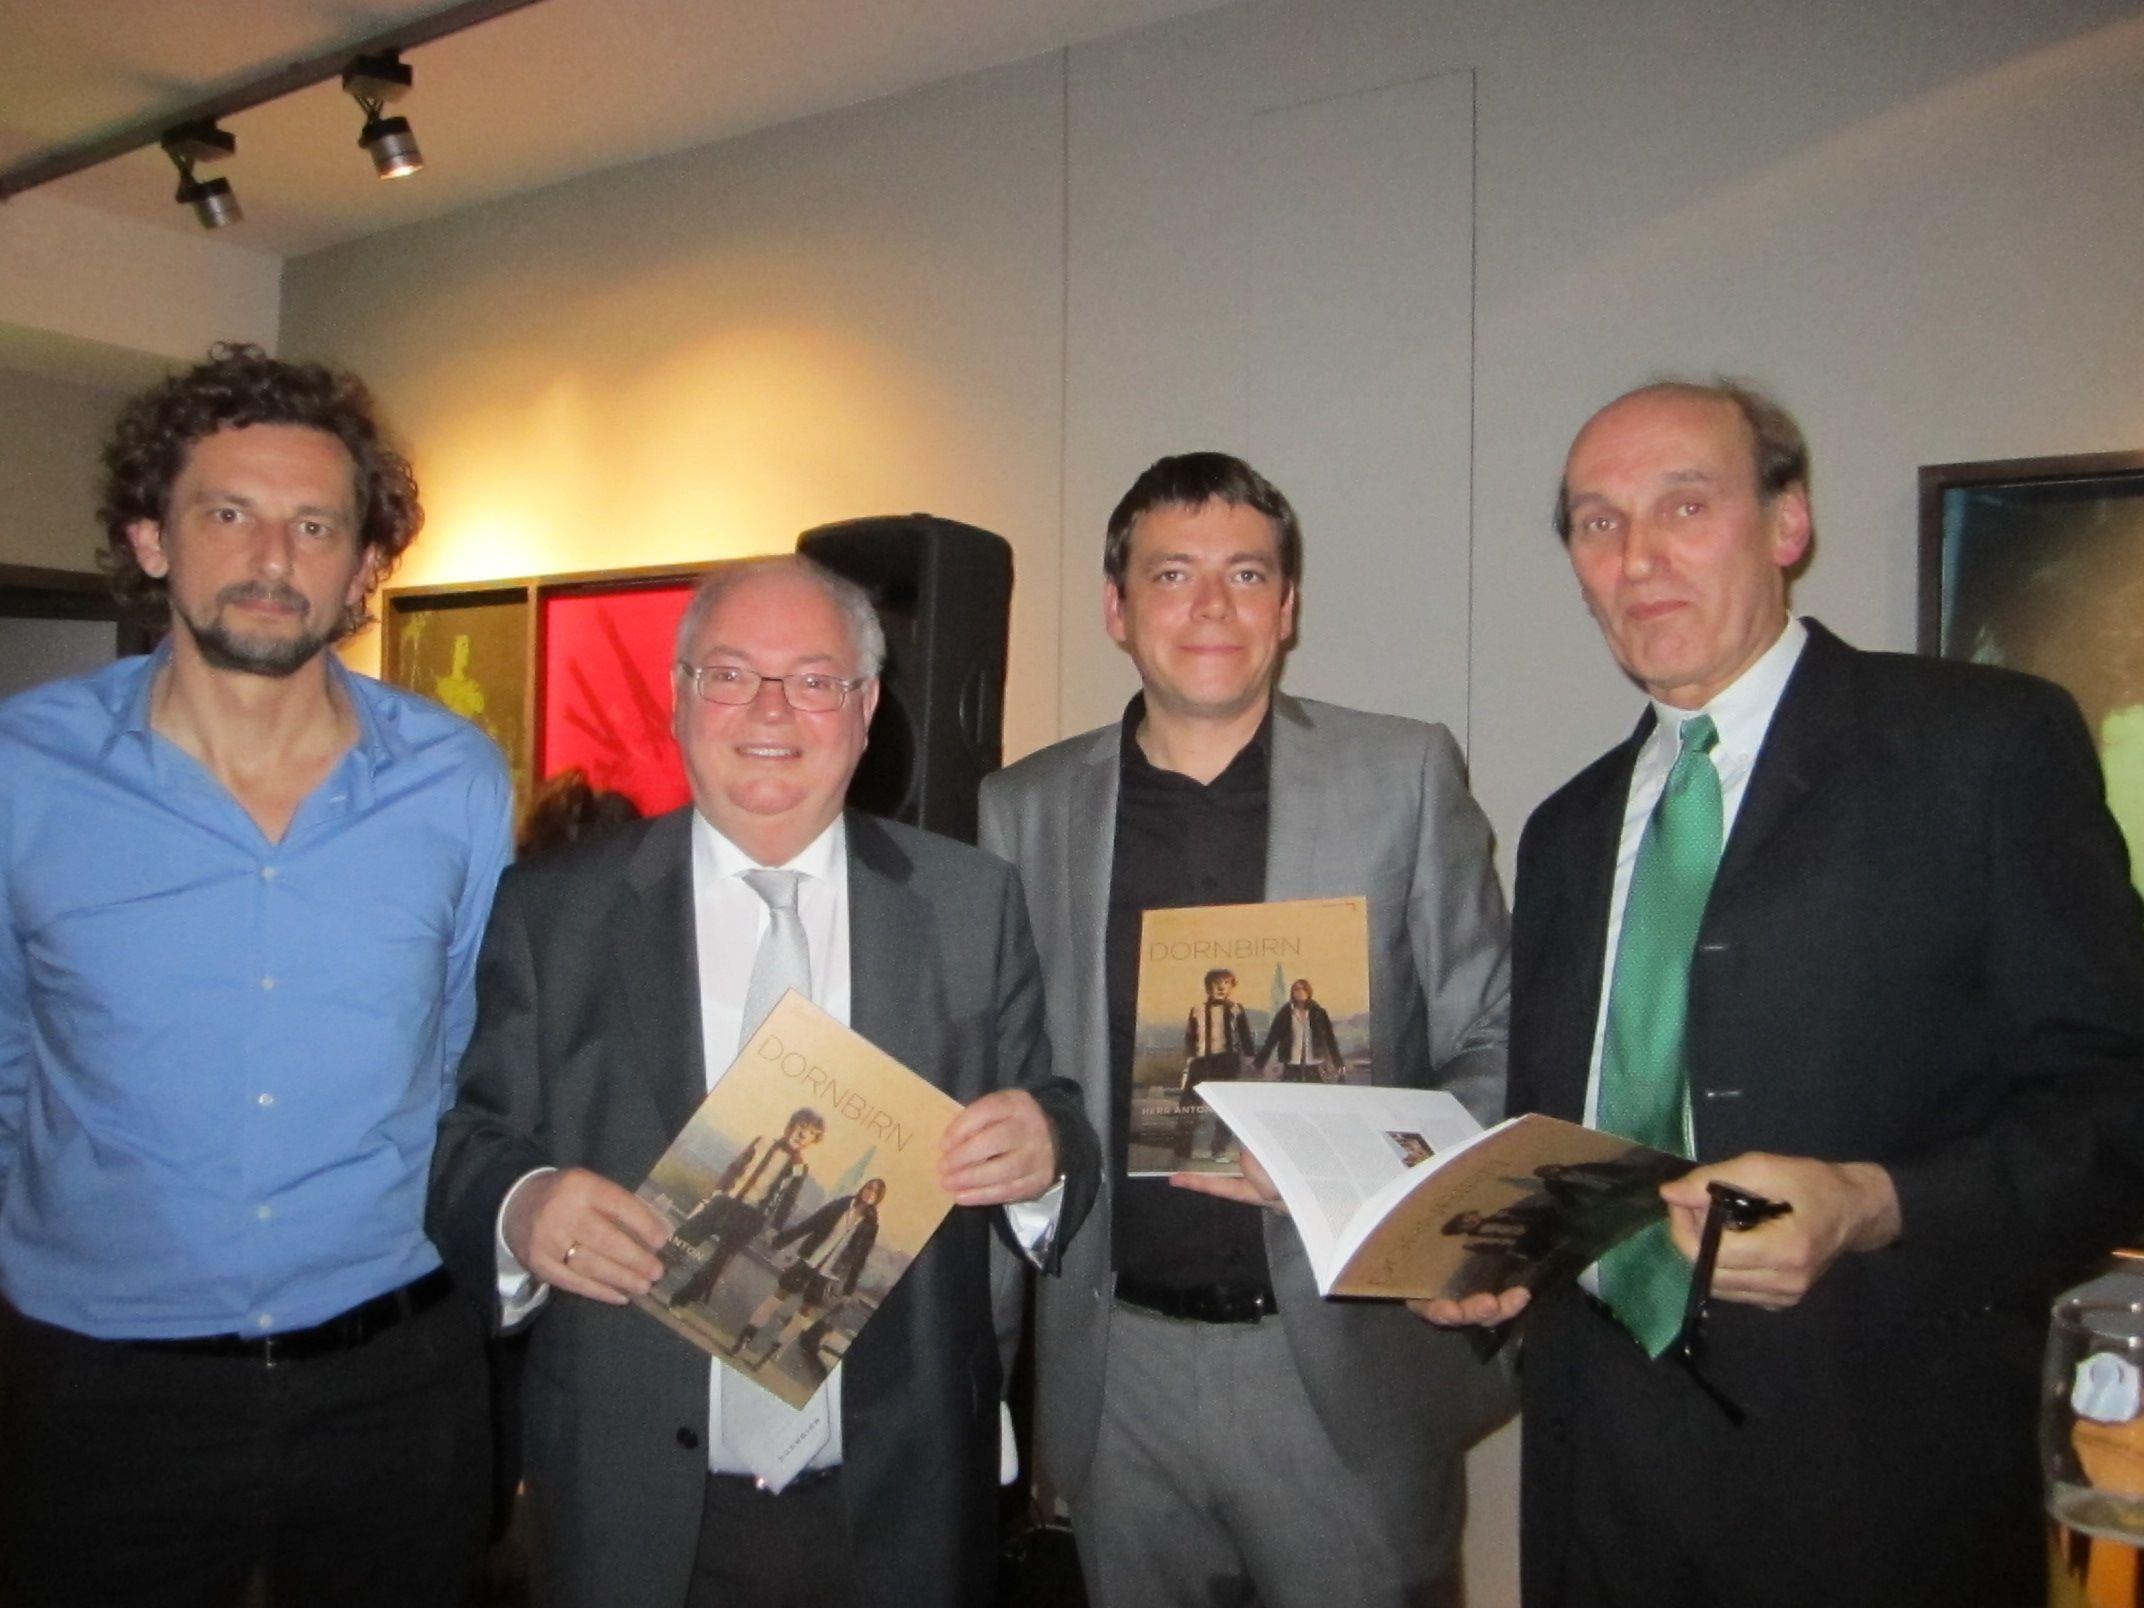 Marty Rauch (IRR), Bgm. Wolfgang Rümmele, Klaus Lingg (Dornbirn Tourismus),  Hans Dünser (Kunstraum)